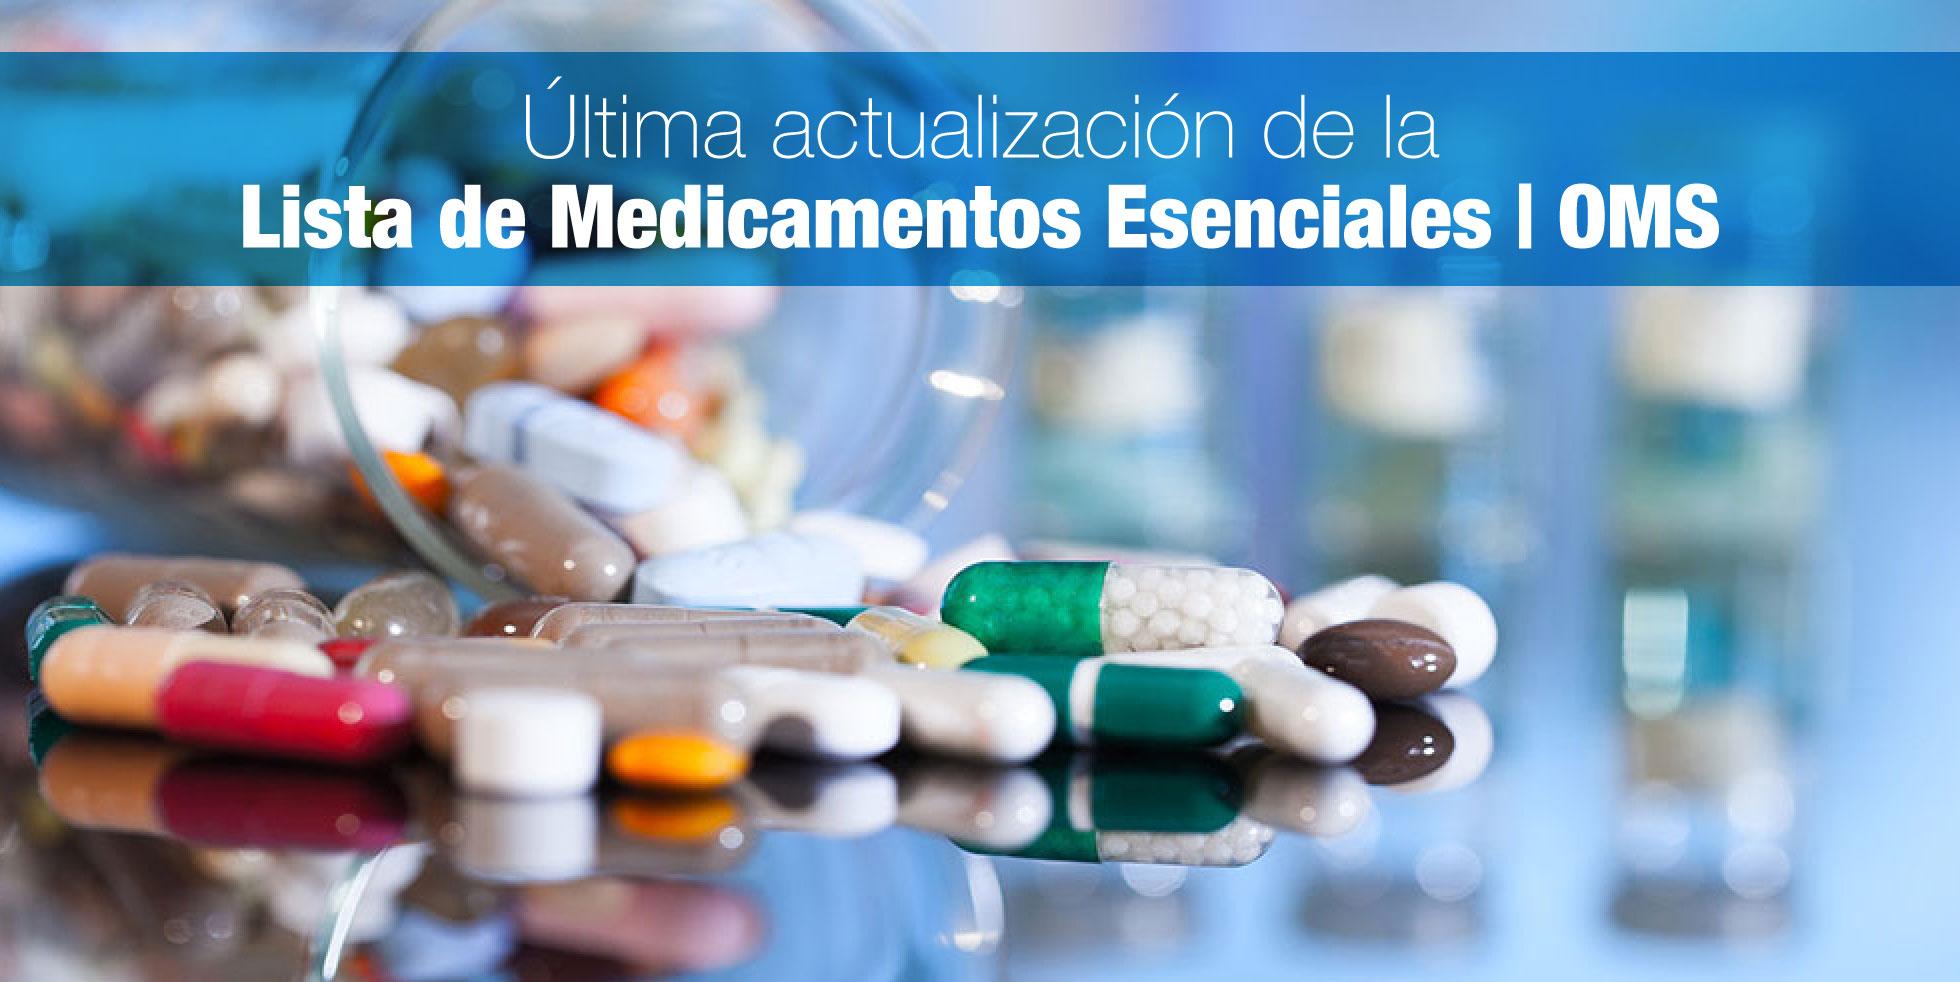 Última actualización de la Lista de Medicamentos